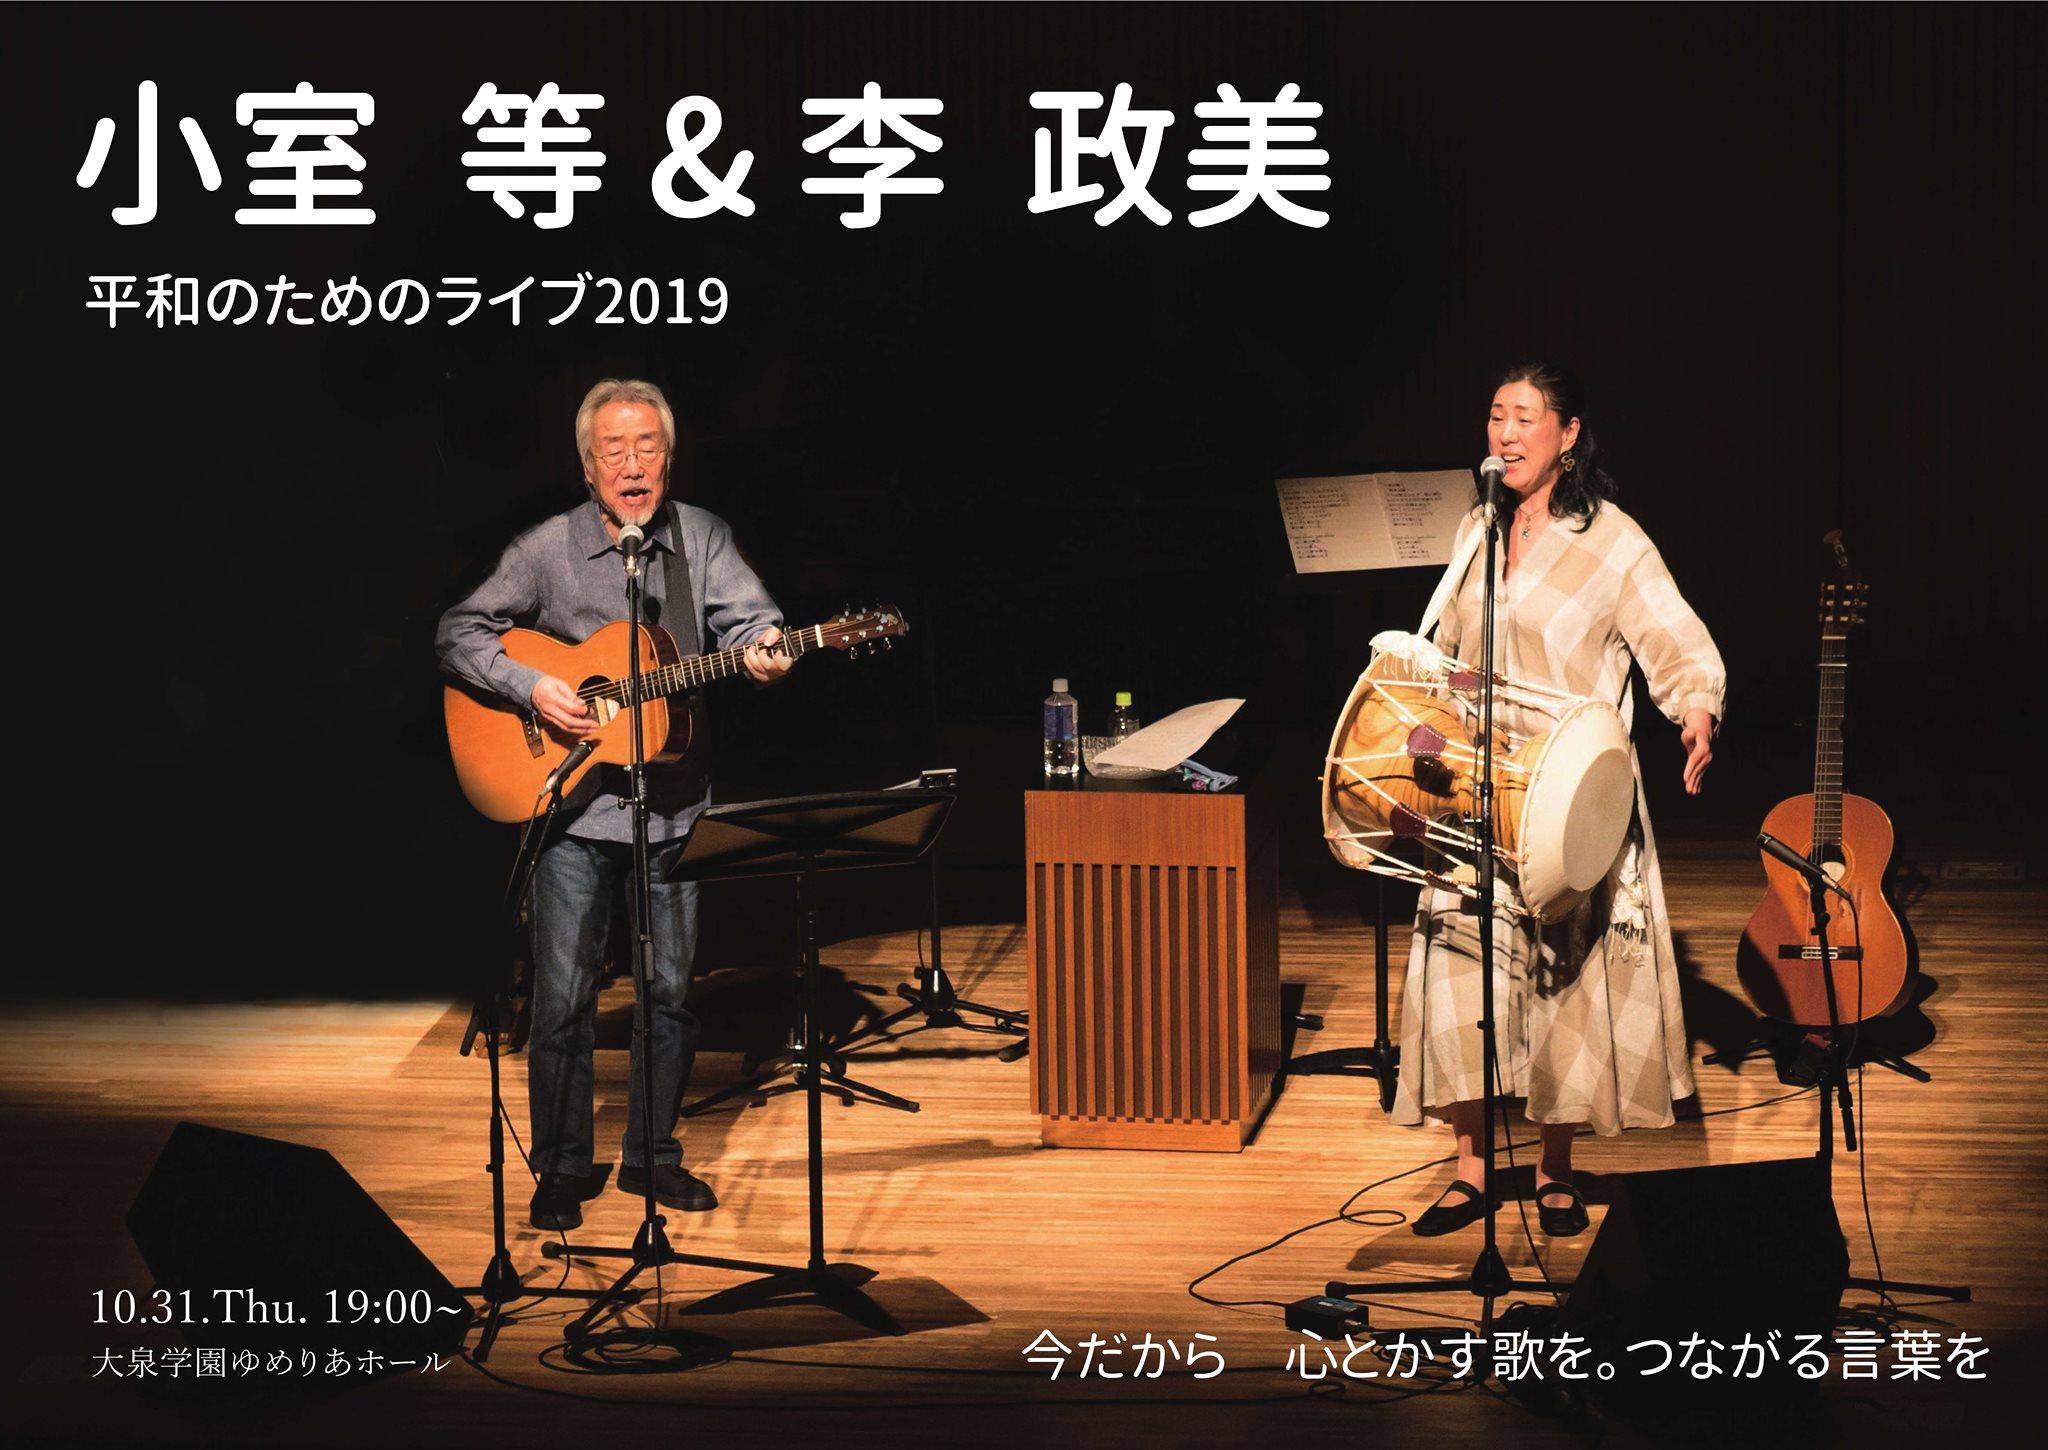 小室等&李政美 平和のためのライブ2019イメージ写真